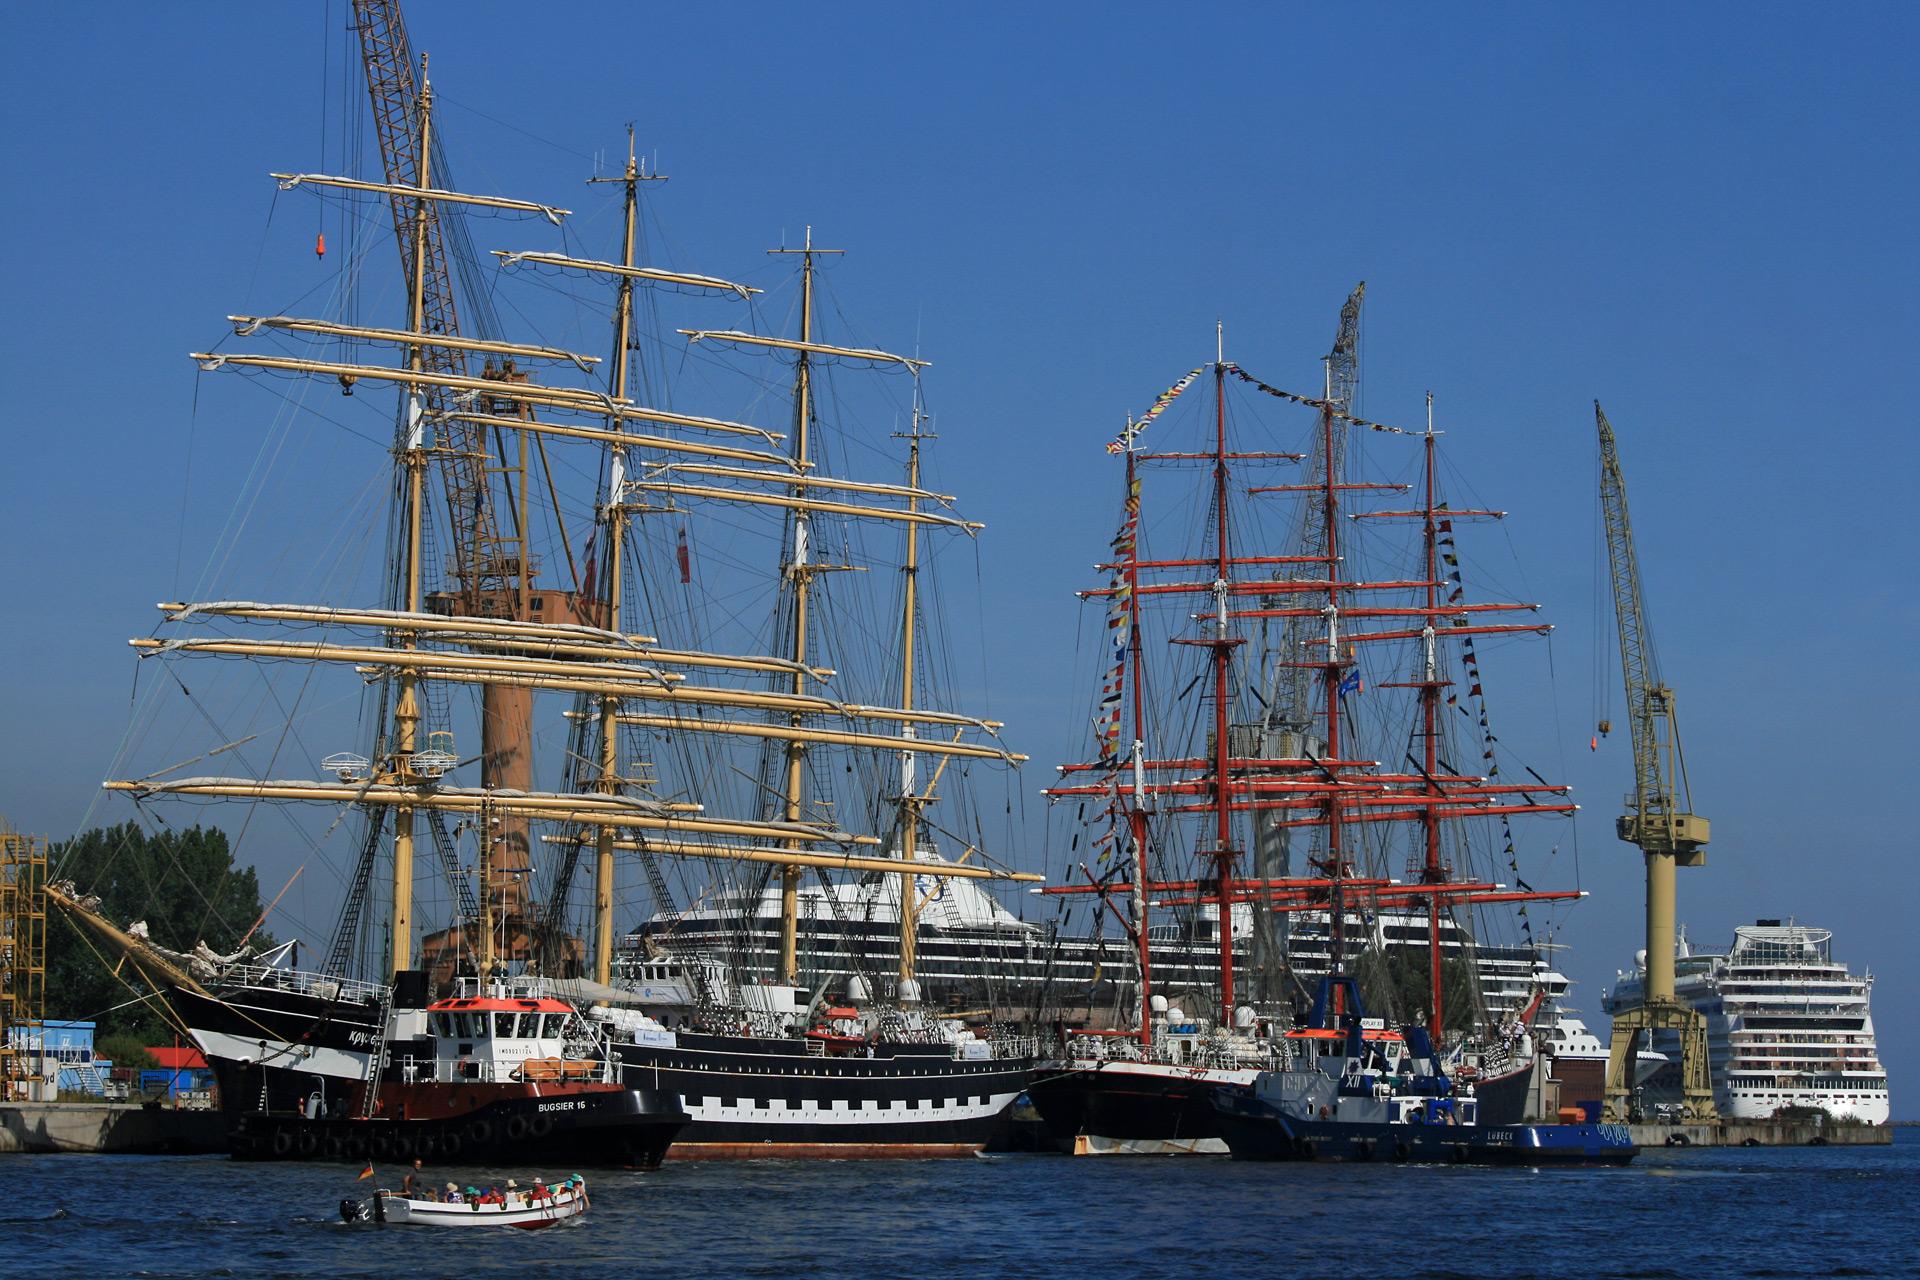 Zwei historische Segelschiffe am Kai in Warnemünde